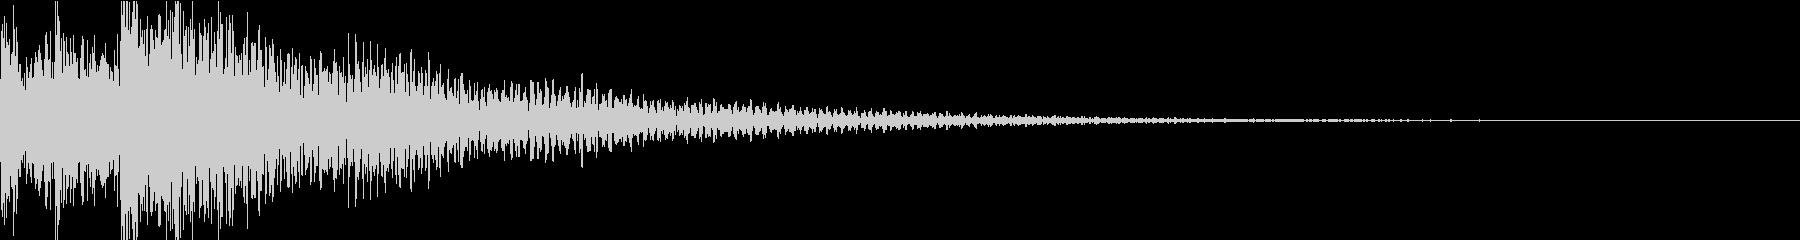 ドコドン(迫力のあるティンパニー)の未再生の波形